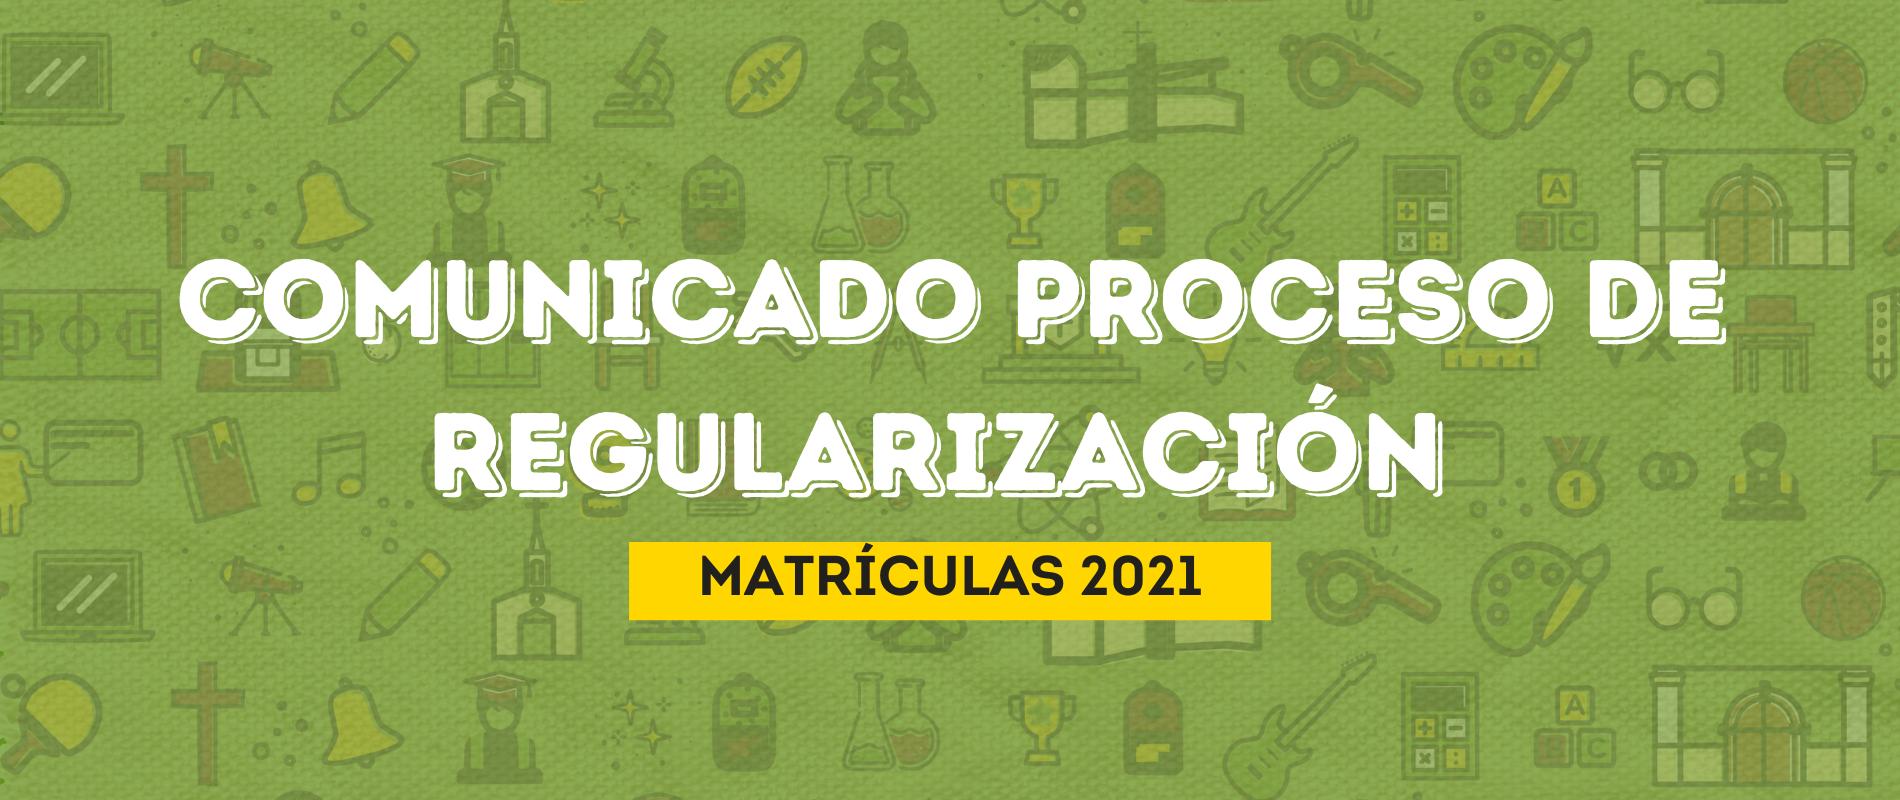 COMUNICADO PROCESO DE REGULARIZACIÓN MATRÍCULAS 2021